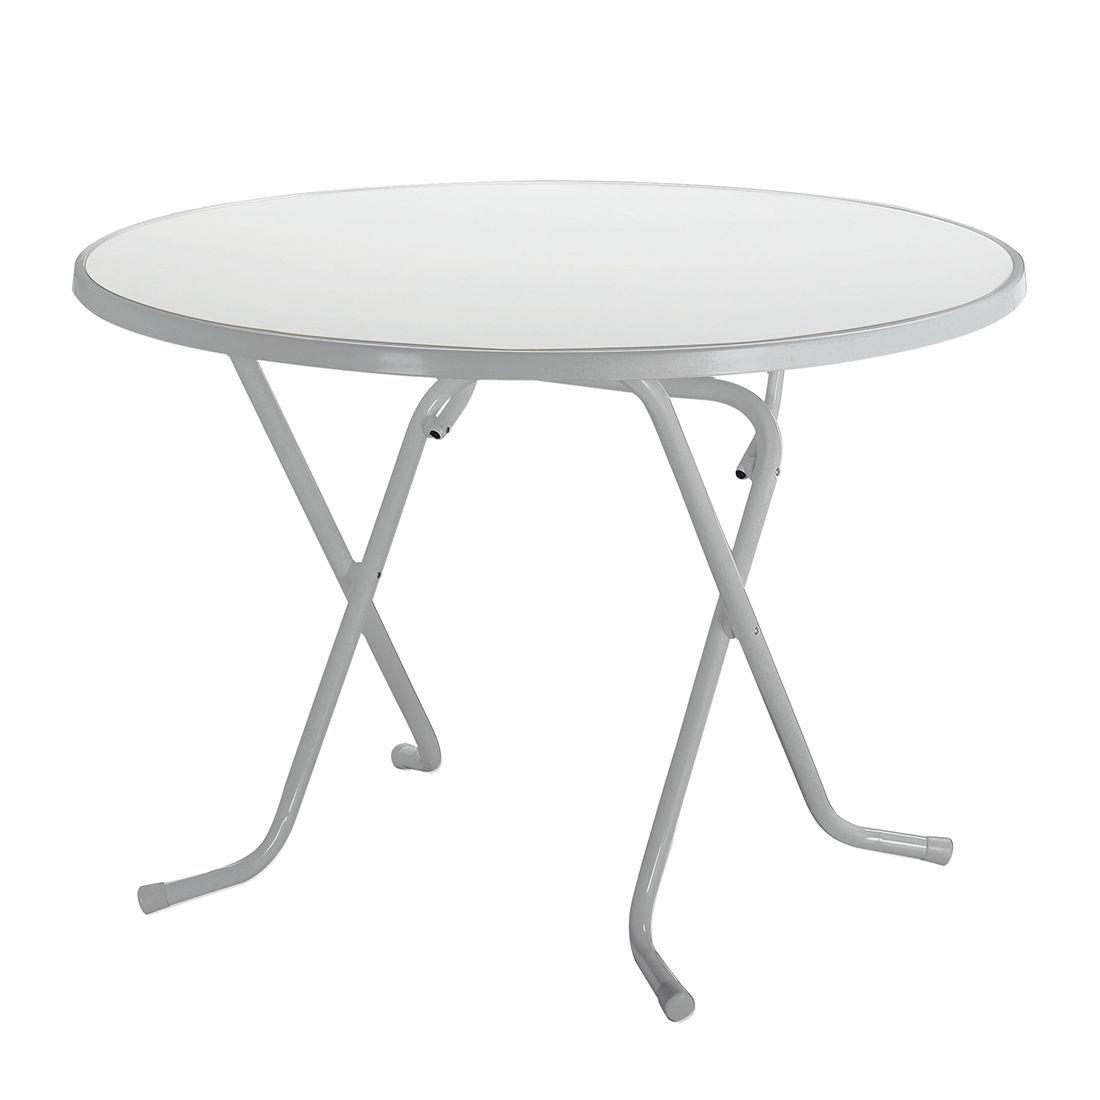 Klapptisch Primo - Stahlrohr Silber - Ø 80 cm, Best Freizeitmöbel ...